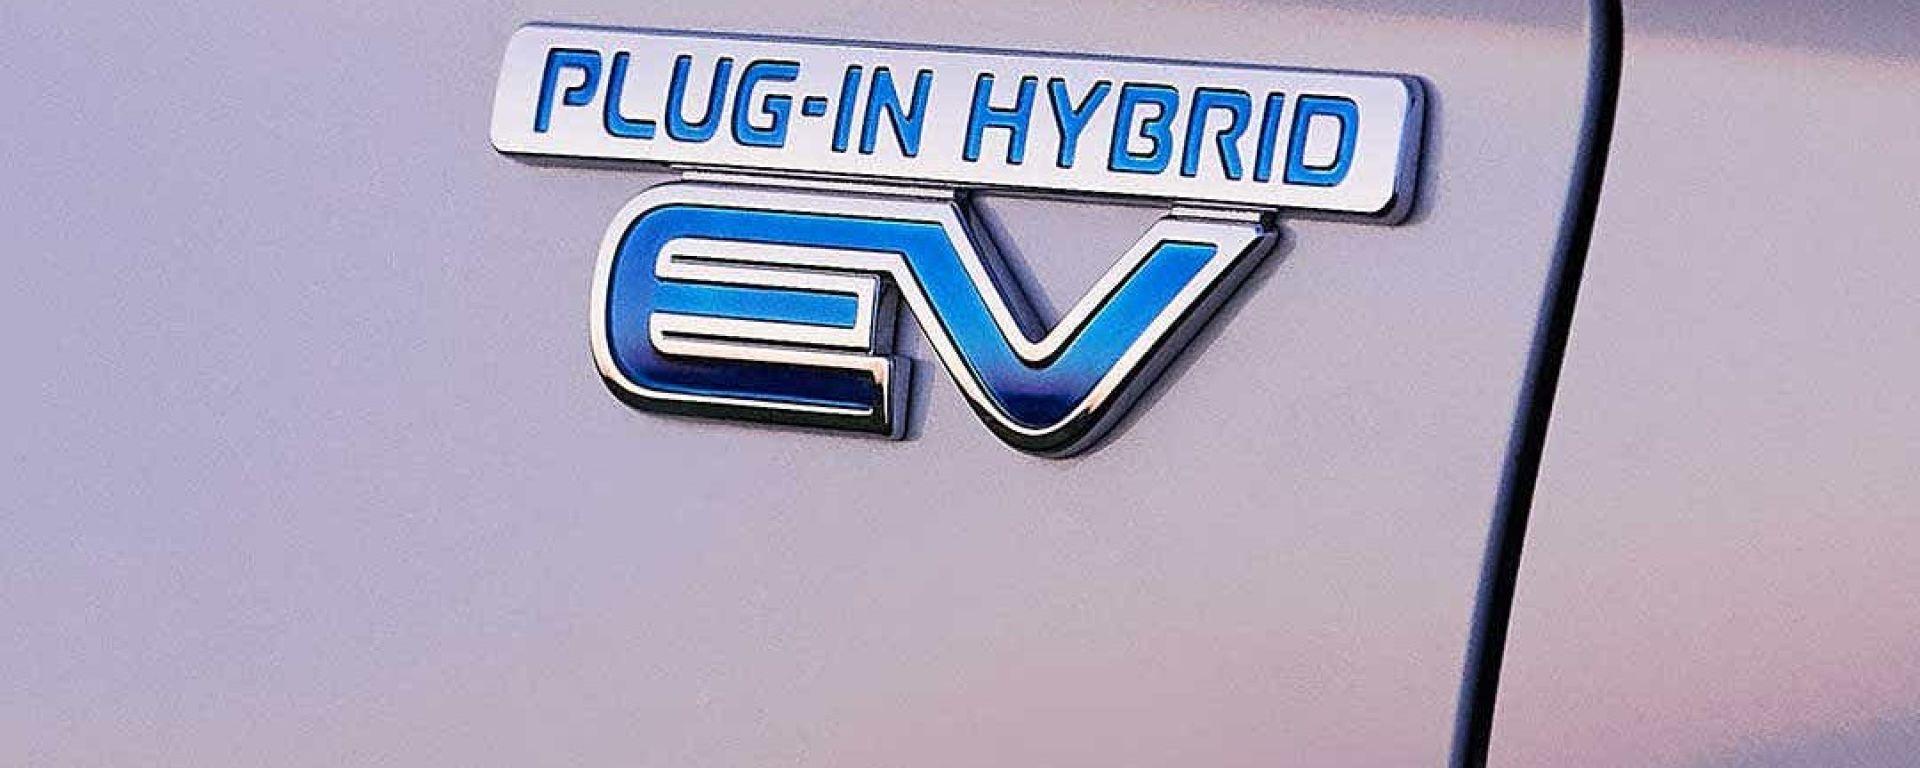 Auto ibride e bollo auto, come si calcola?